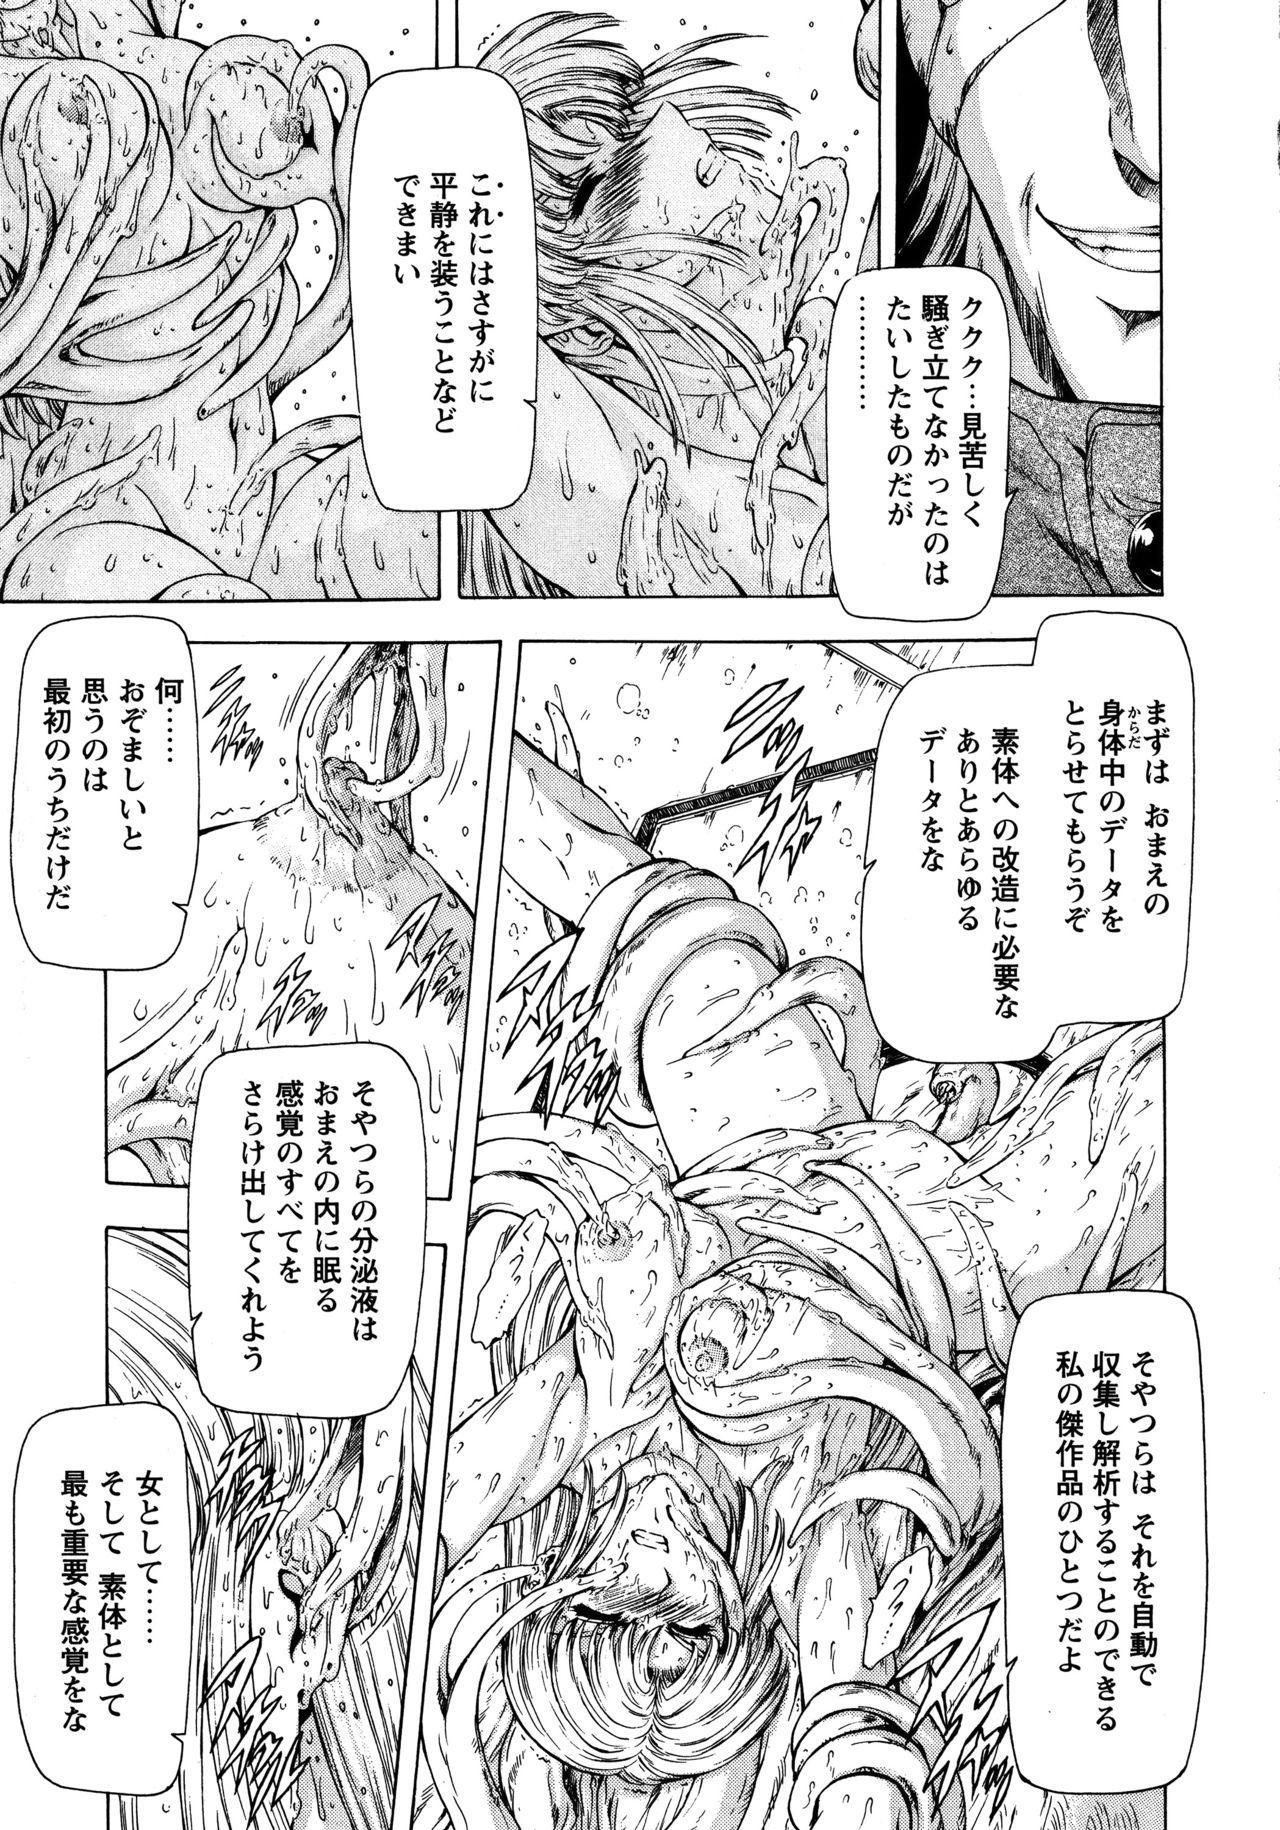 Ginryuu no Reimei Vol. 1 164